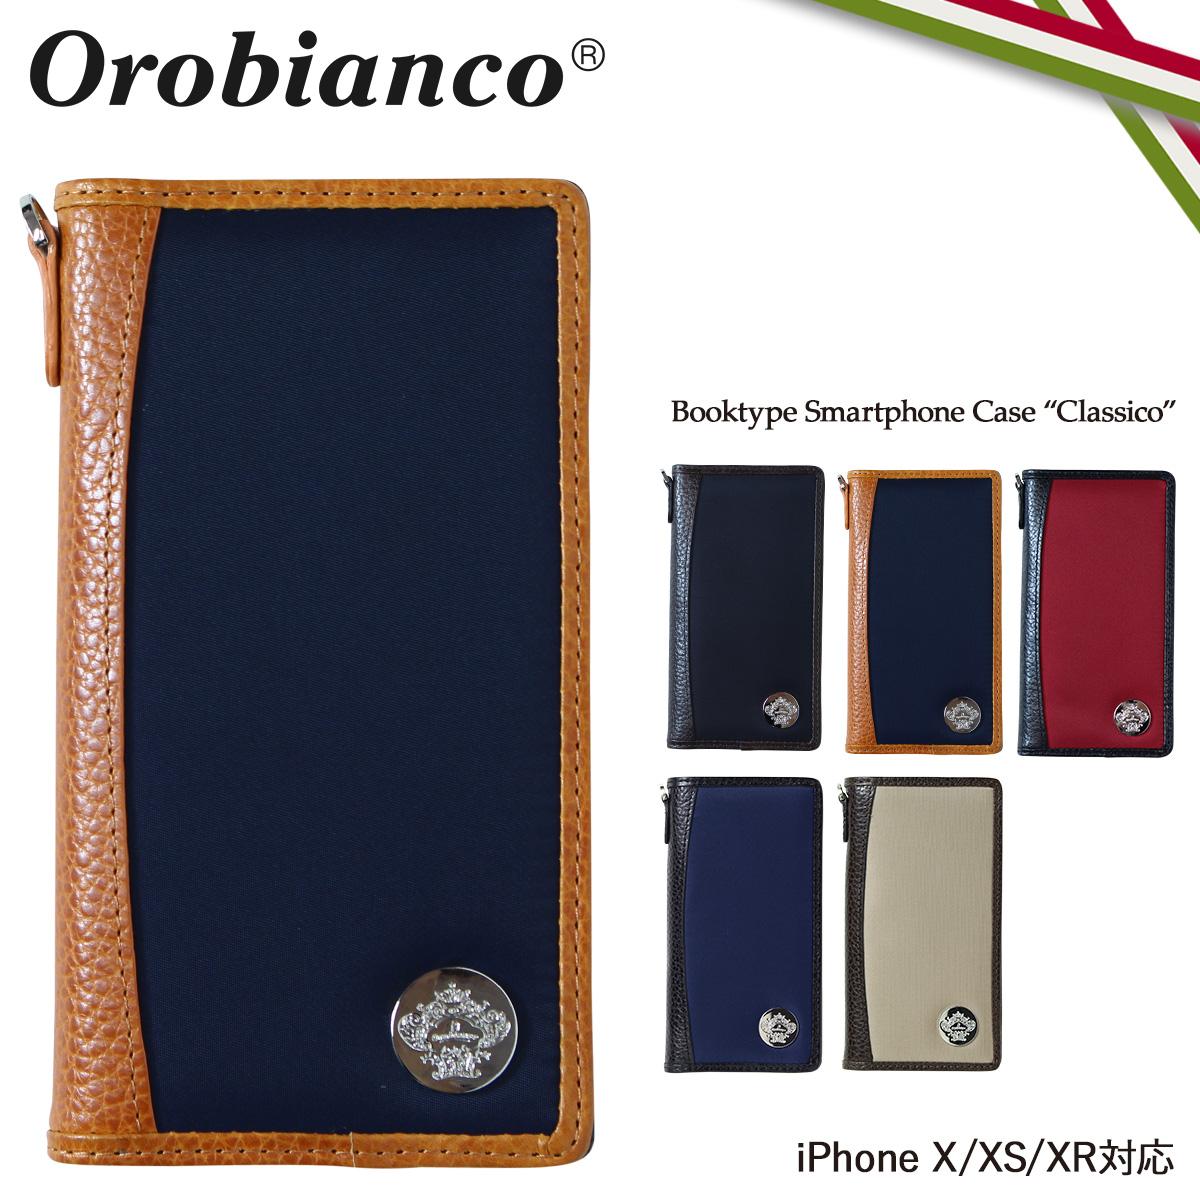 【最大2000円OFFクーポン】 オロビアンコ Orobianco iPhone XR X XS ケース 手帳型 スマホ アイフォン CLASSICO レザー メンズ レディース ORIP-0001